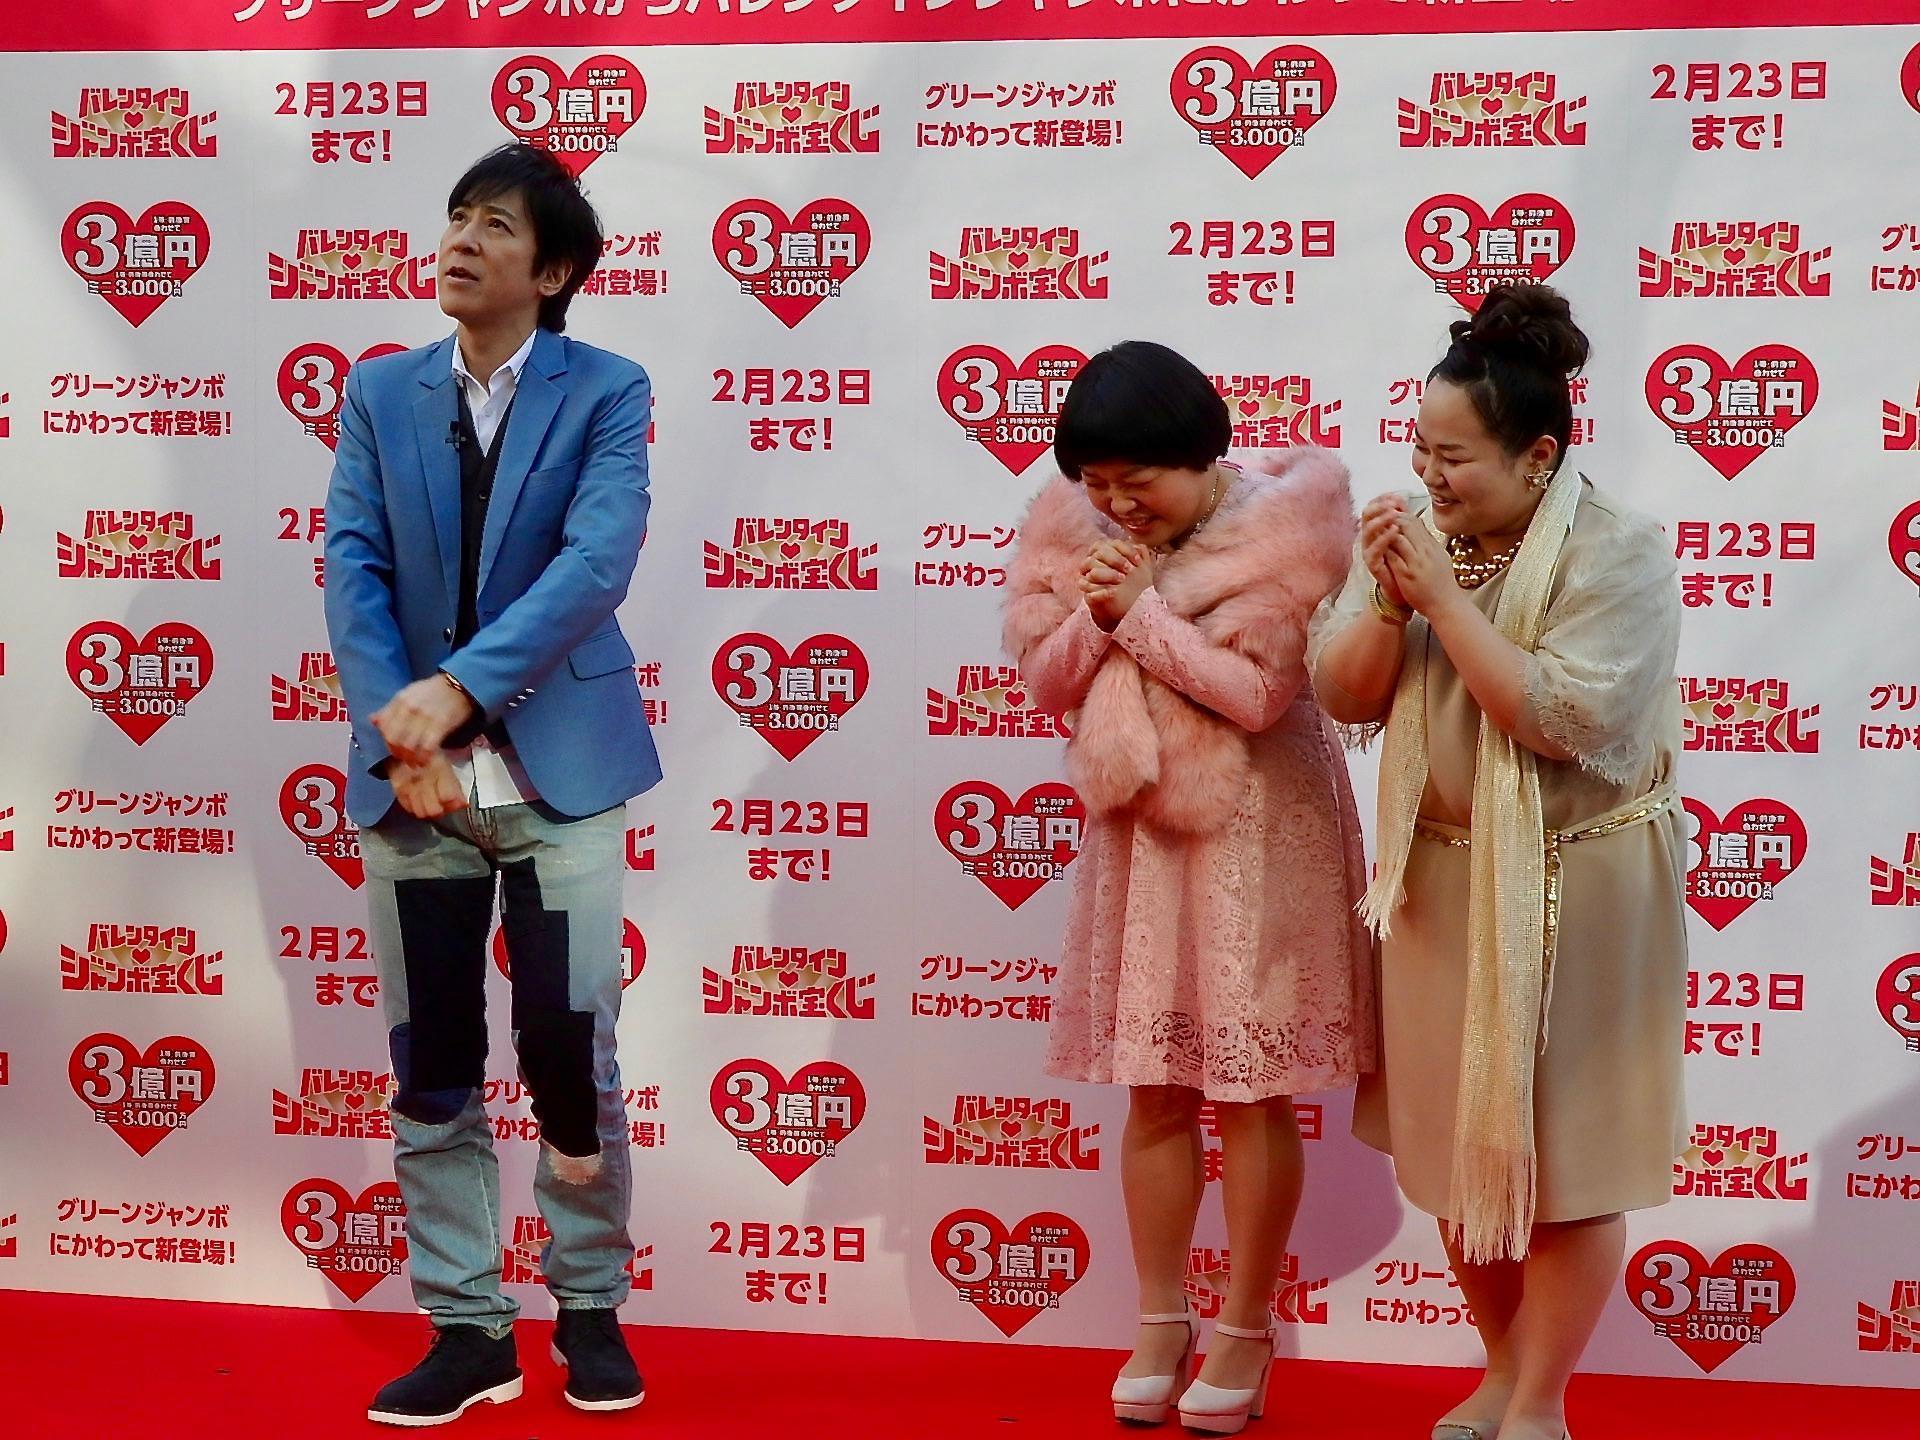 http://news.yoshimoto.co.jp/20180131180140-0bd7d507de244b8fa4e7aac55137a6604968144a.jpg